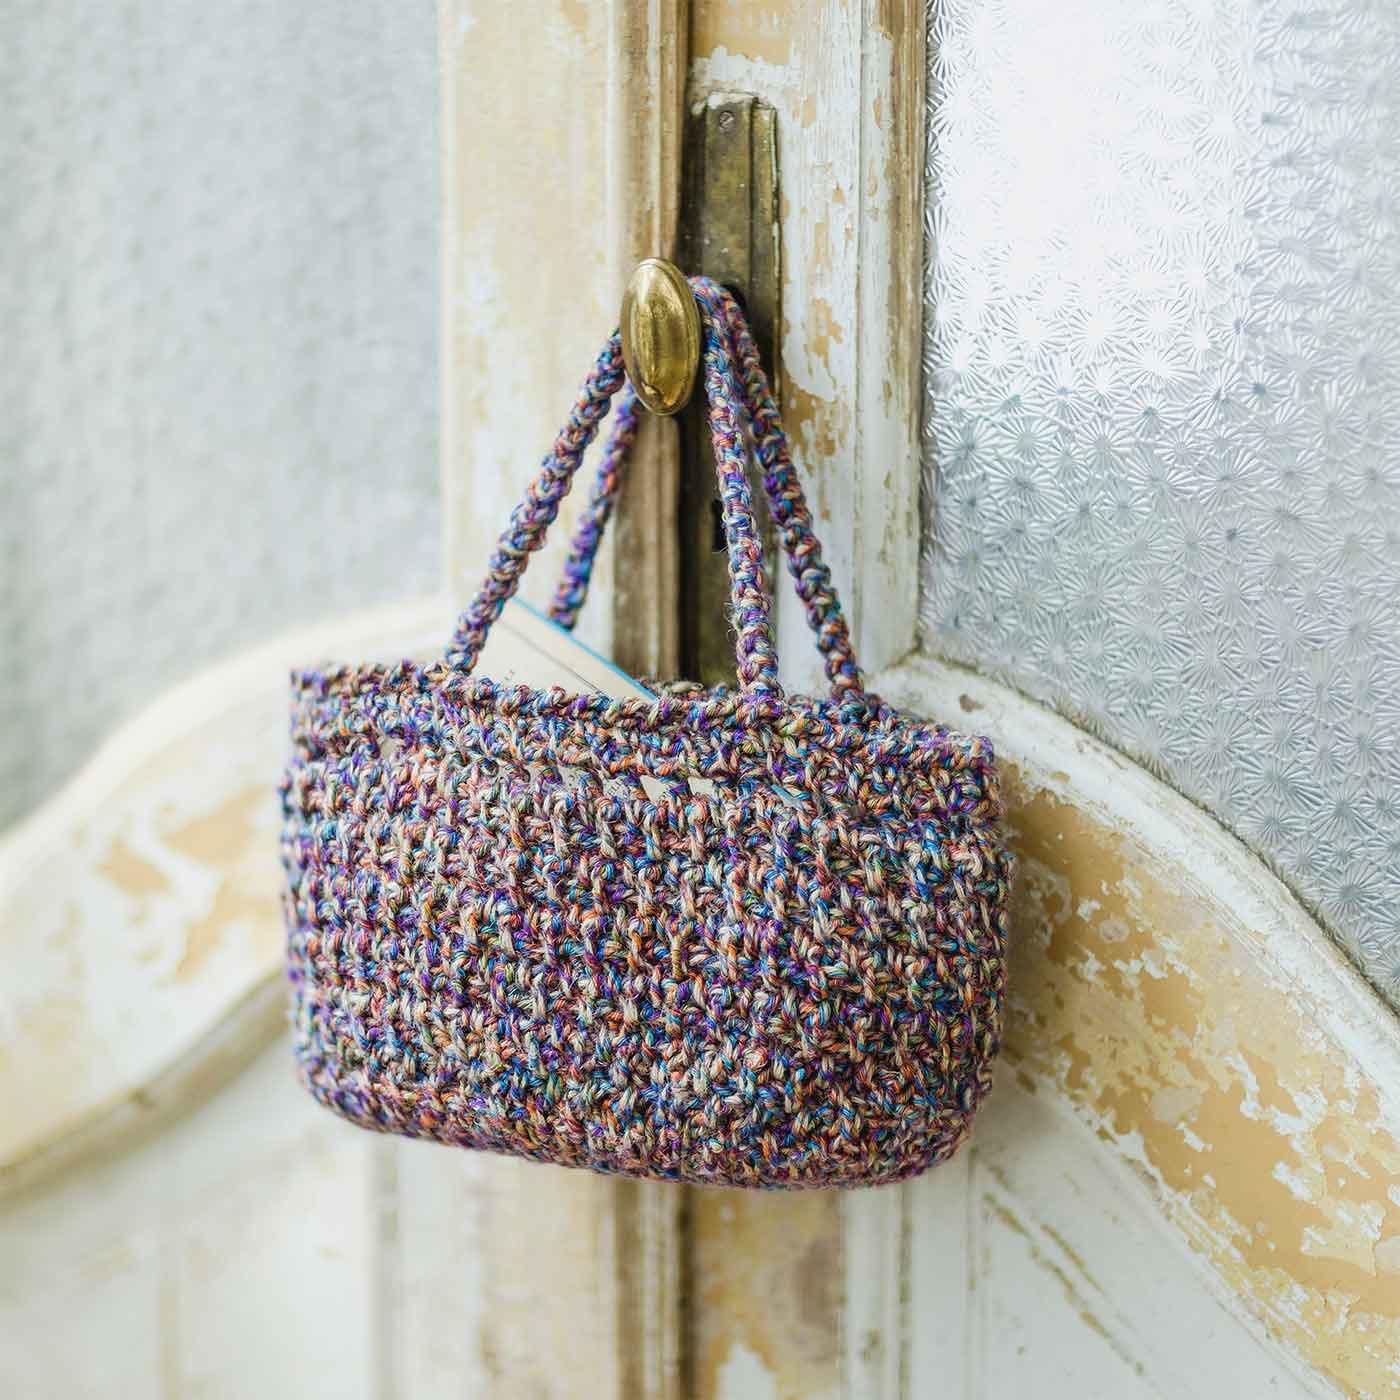 糸遣いで差をつける イタリア製変わり糸の底板付きミニトートバッグが編めるキット